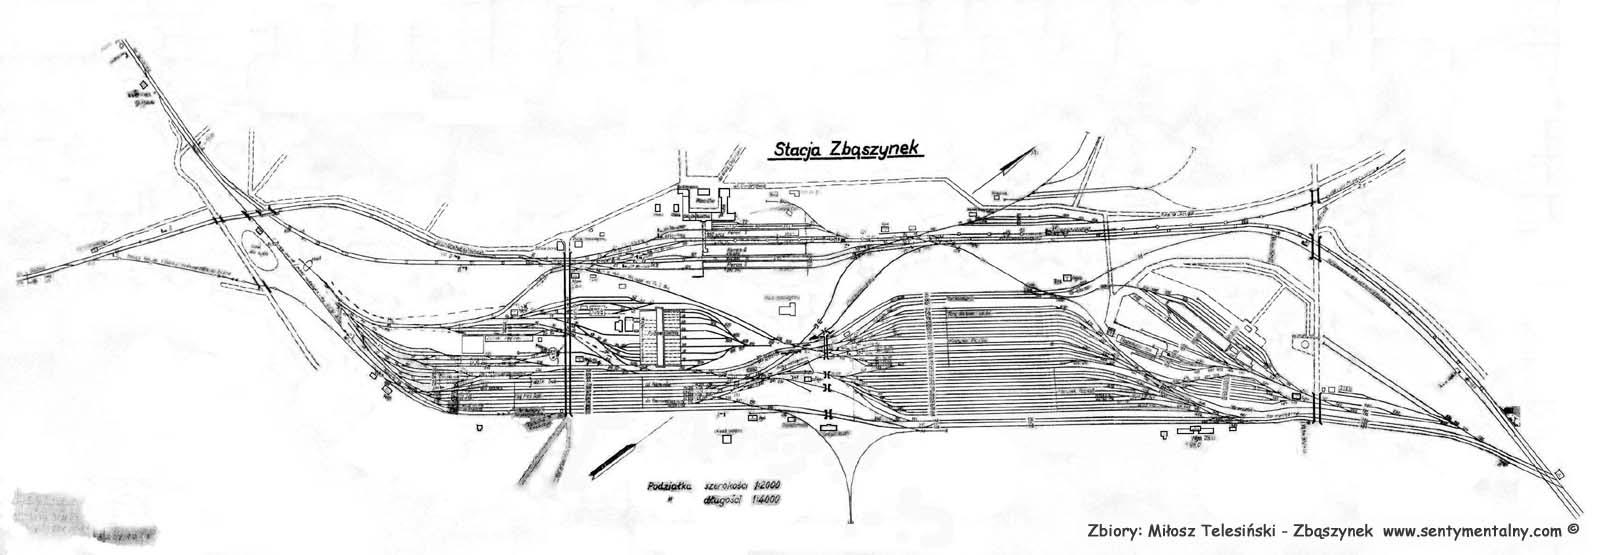 Wyżej mamy ogólny plan dworca z 1941 roku.